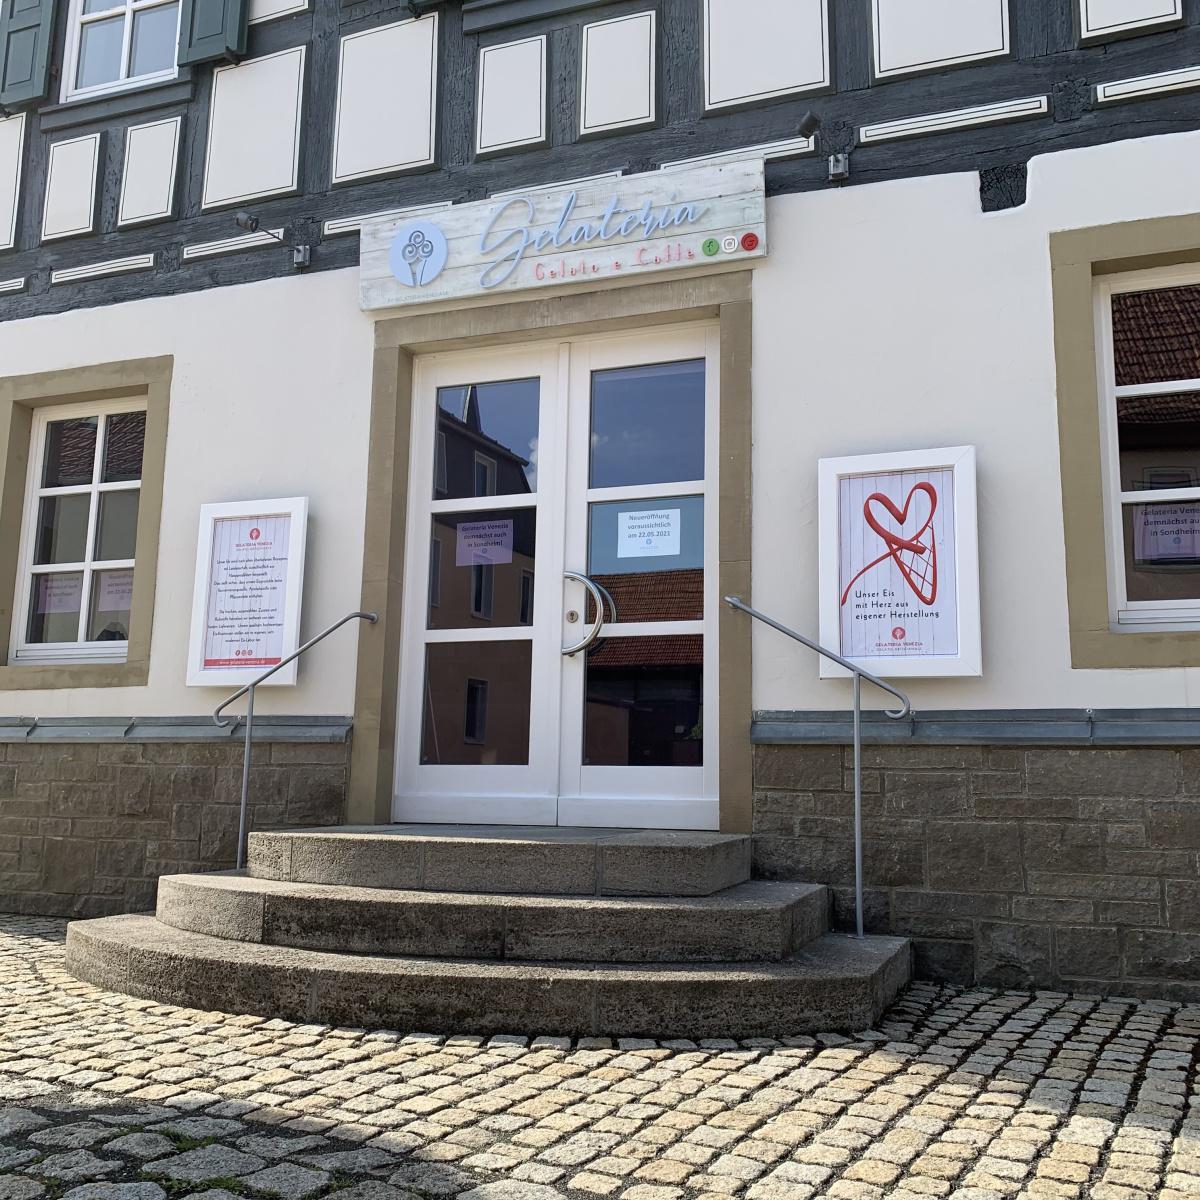 Neueröffnung am 22.05.2021 in Sondheim v.d. Rhön